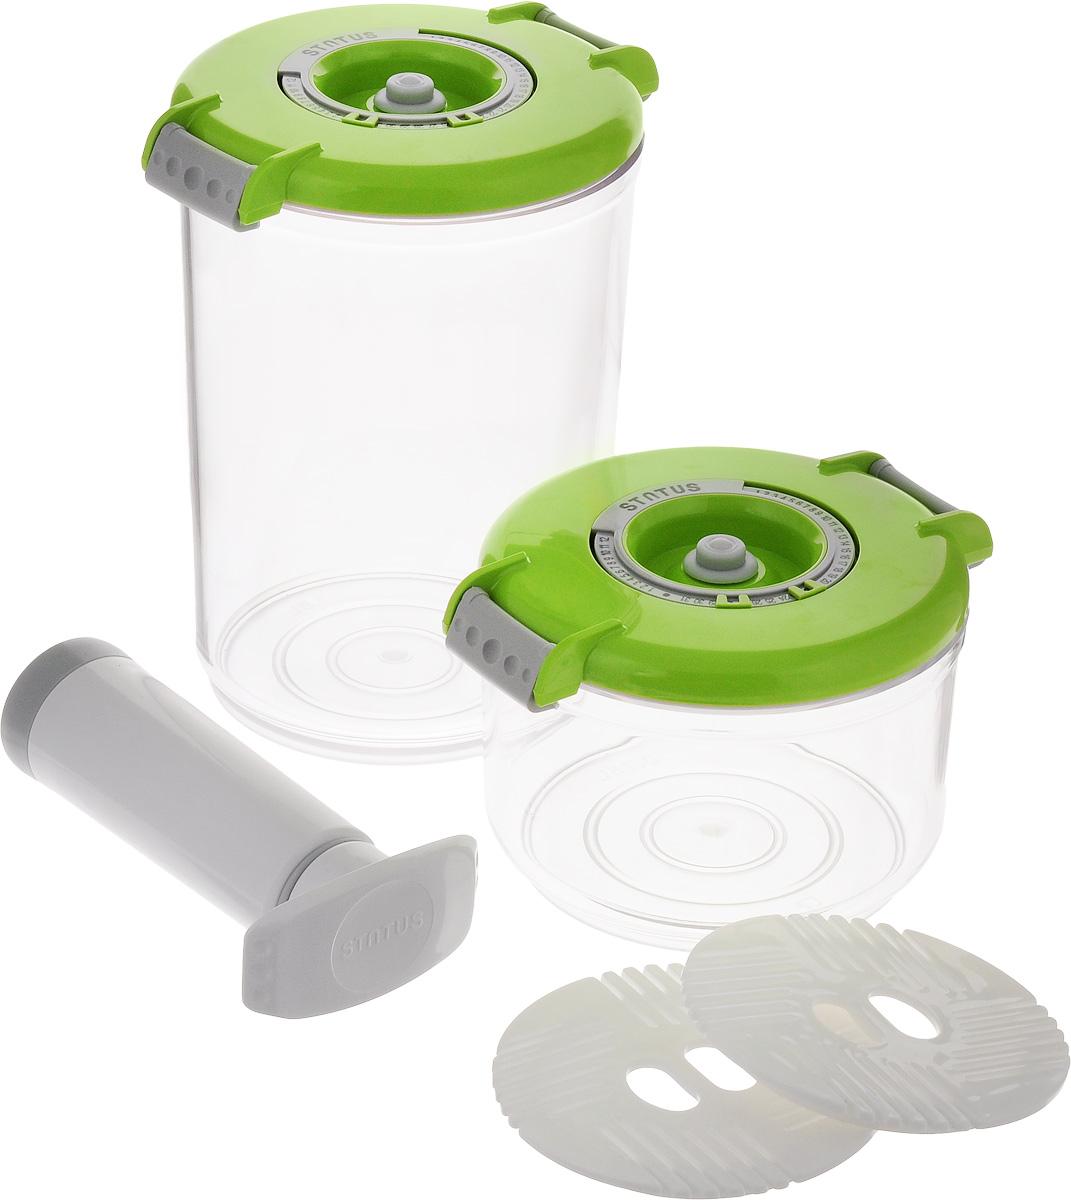 Набор вакуумных контейнеров Status, цвет: прозрачный, зеленый, 2 шт + ПОДАРОК: Вакуумный ручной насосVT-1520(SR)Промо набор вакуумных контейнеров с подаркомКомплектация: контейнеры 0,75 л, 1,5 л, два поддона + ручной насос в подарок. Благодаря использованию вакуумных контейнеров, продукты не подвергаются внешнему воздействию, и срок хранения значительно увеличивается. Продукты сохраняют свои вкусовые качества и аромат, а запахи в холодильнике не перемешиваются.Контейнеры для хранения продуктов в вакуумеПрочный хрустально-прозрачный тританКруглая форма контейнеровИндикатор даты (месяц, число)BPA-FreeСделано в СловенииДопускается замораживание (до -21 °C), мойка контейнера в ПММ, разогрев в СВЧ (без крышки).Рекомендовано хранение следующих продуктов: сахар, кофе в зёрнах, чай, мука, крупы, соусы, супы.